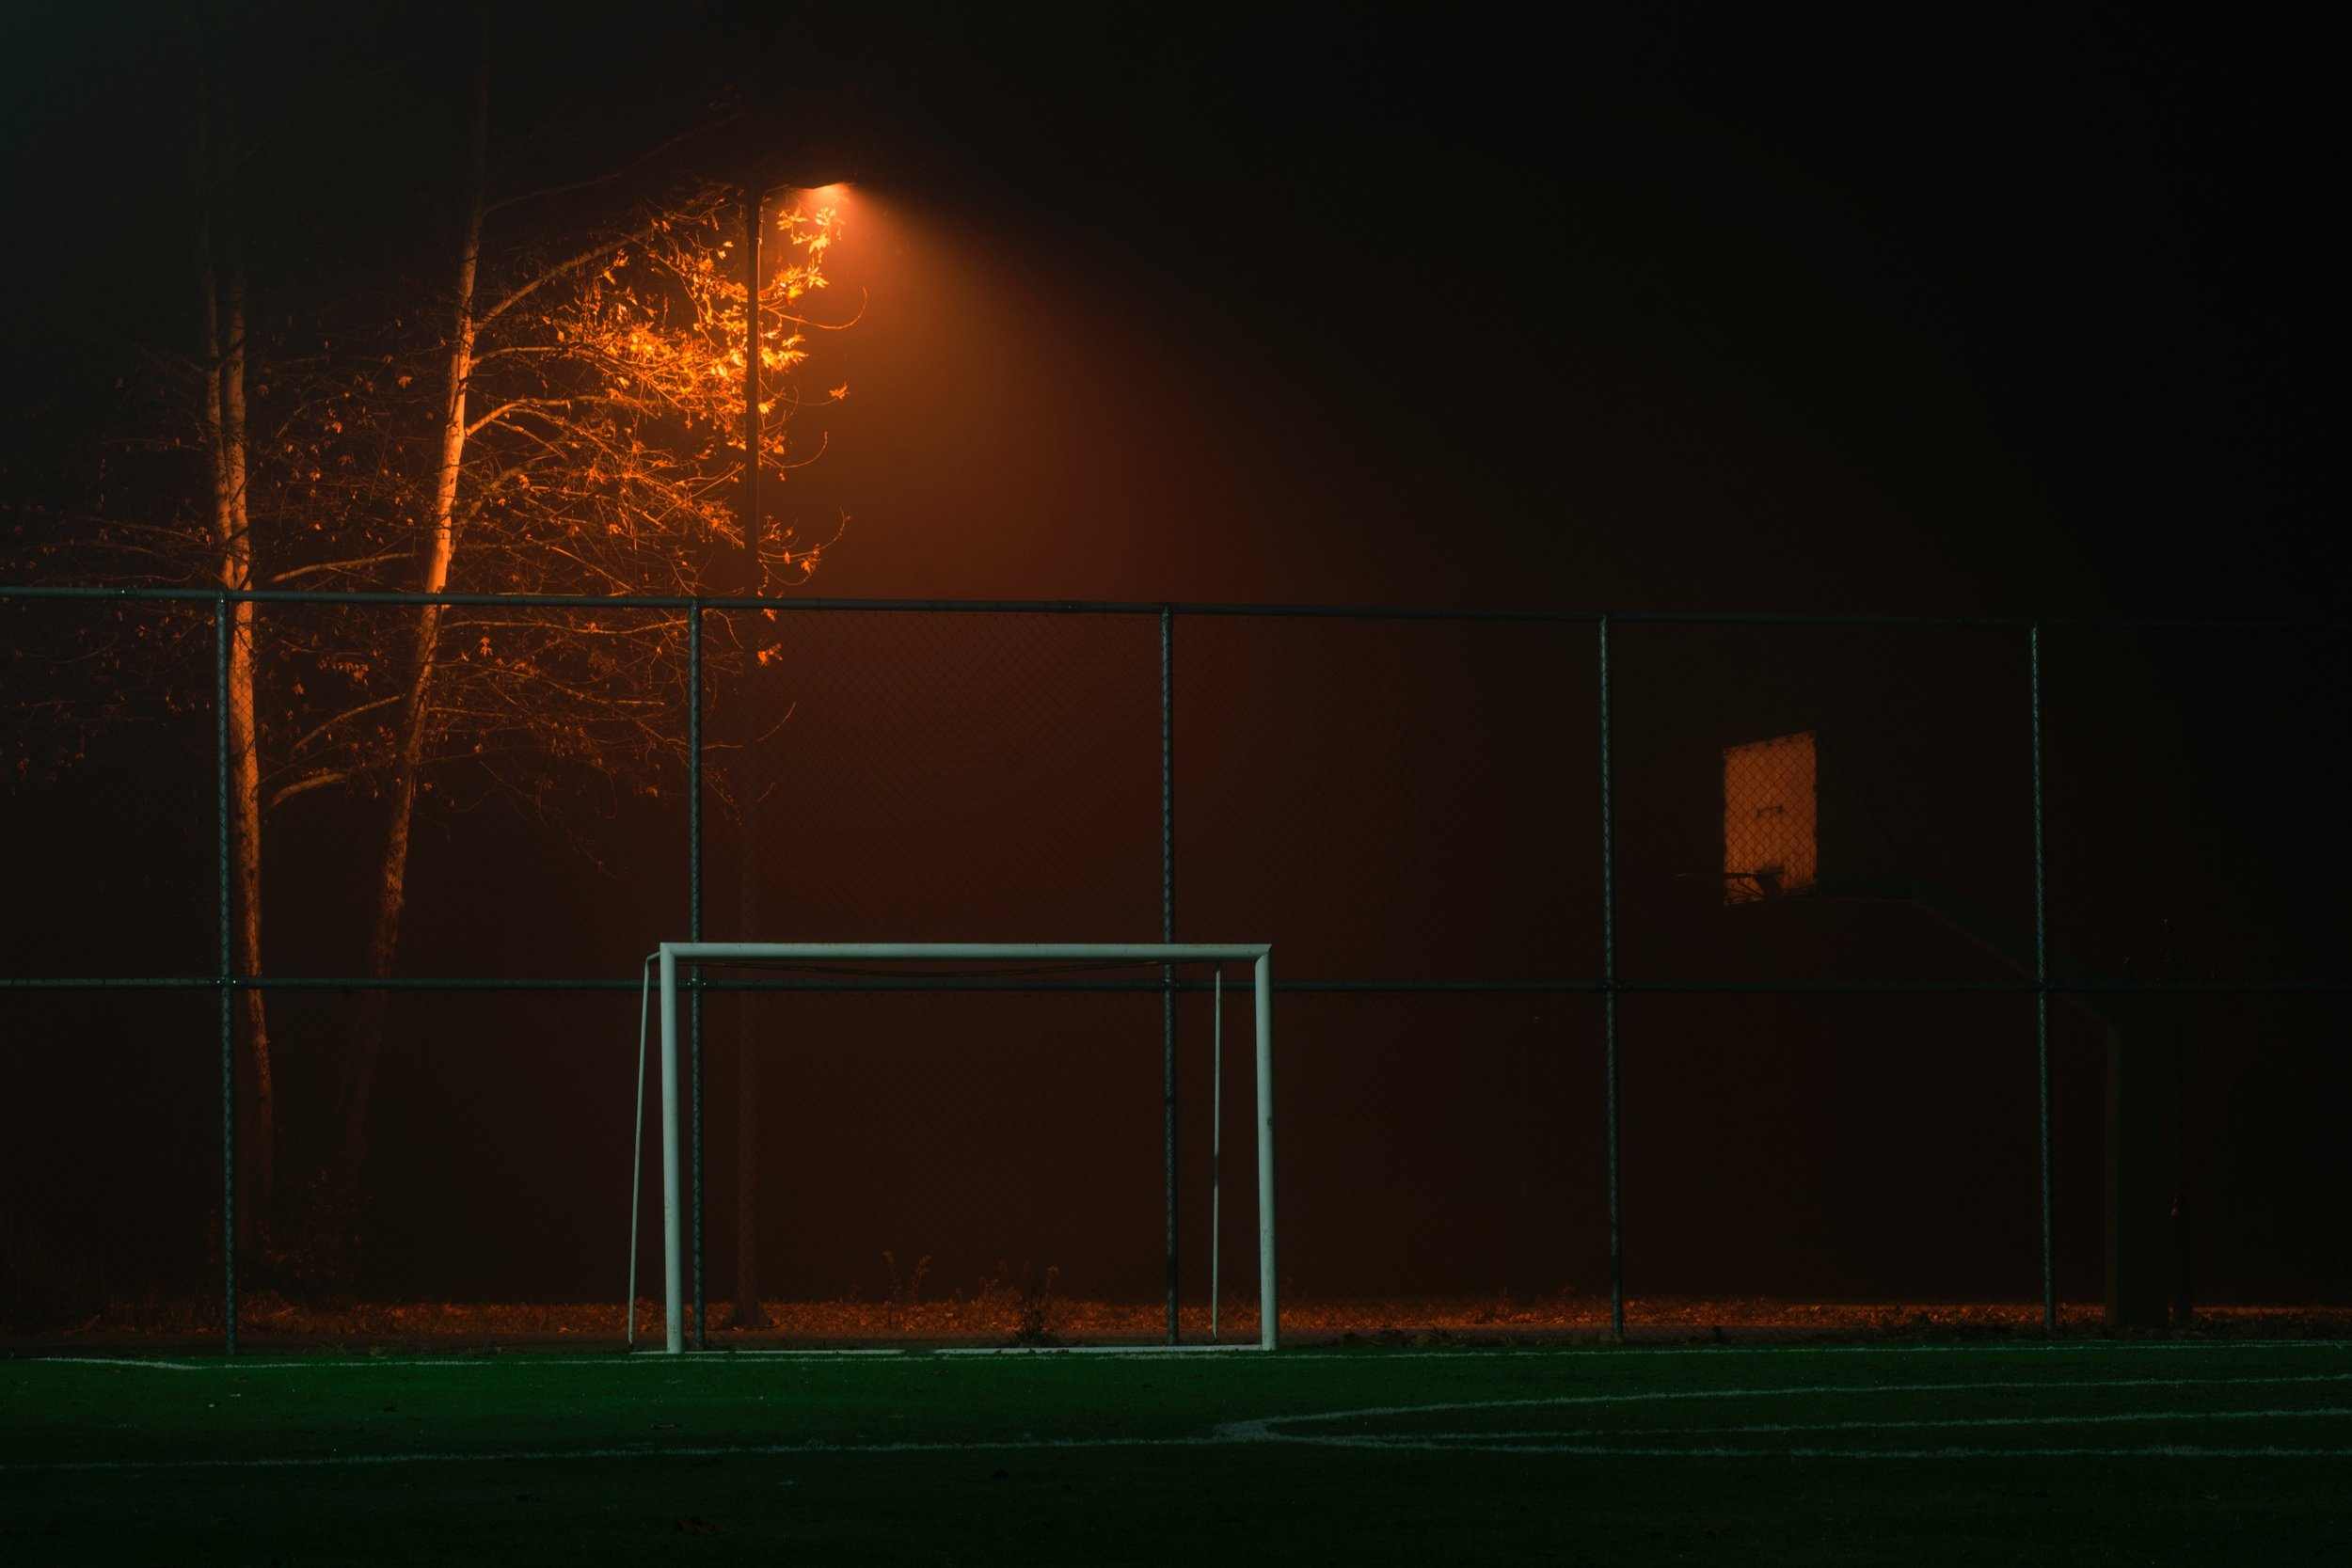 dark-field-football-797900.jpg